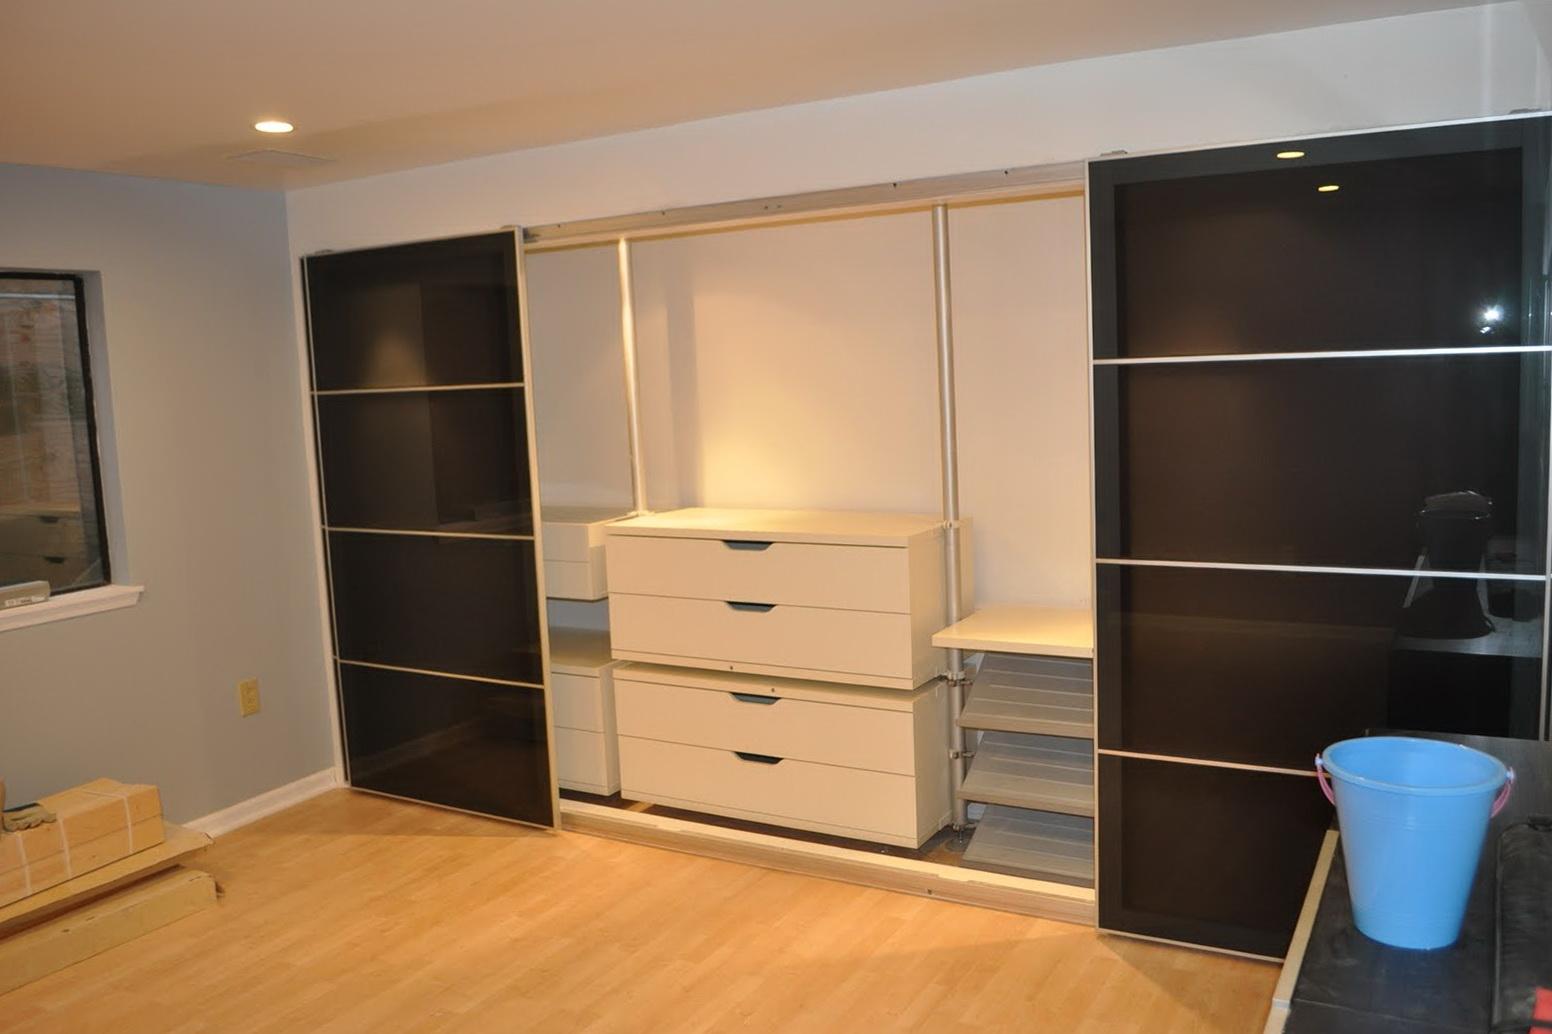 Ikea Closet System Hack  Home Design Ideas